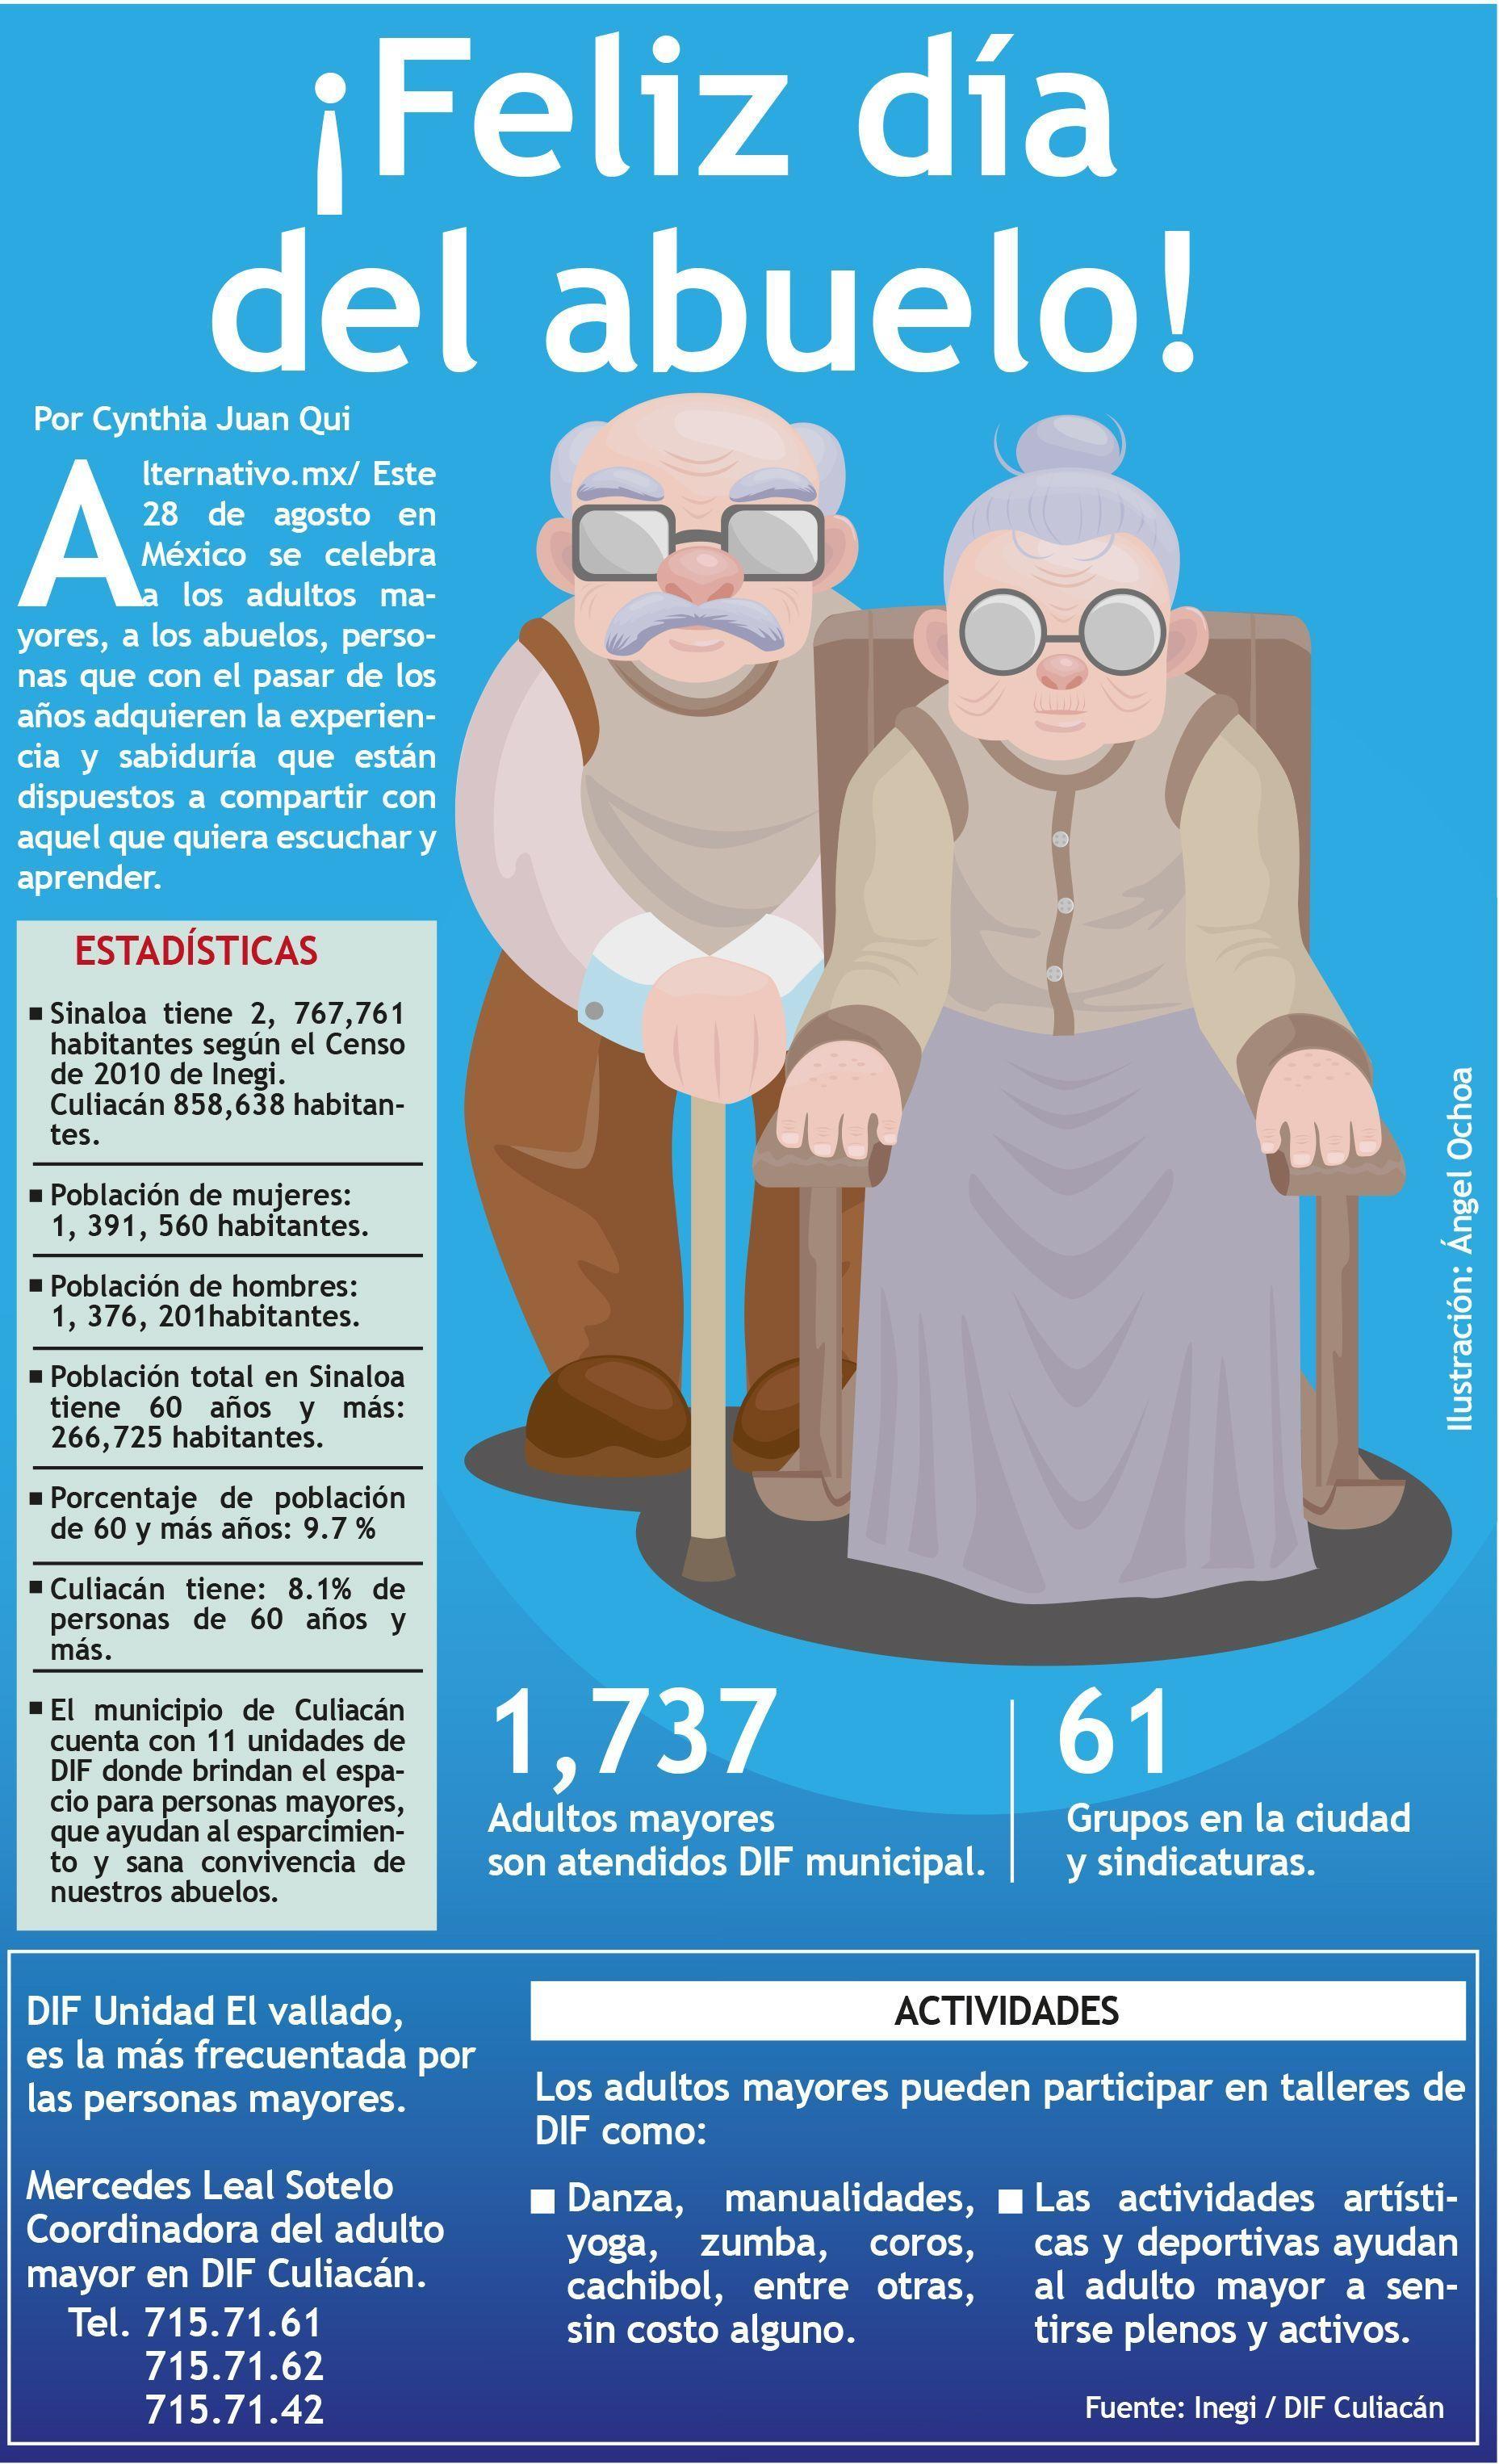 Infografiajpg 18573052 spanishinfographic learning